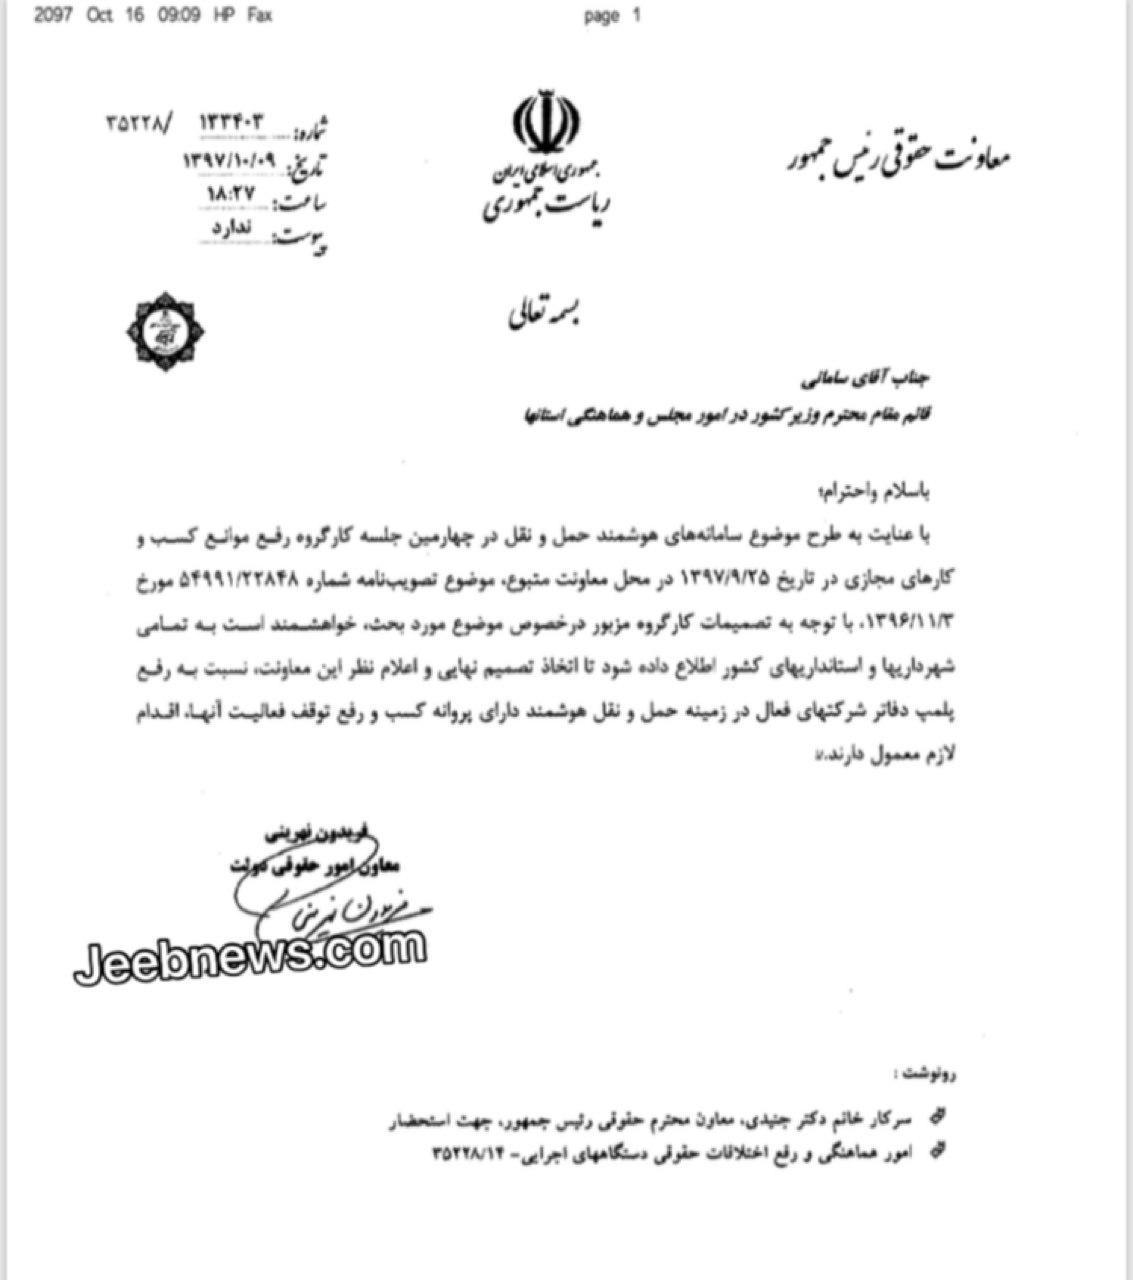 نامه معاون حقوقی رئیس جمهور در خصوص تاکسی های اینترنتی و فک پلمب آن ها